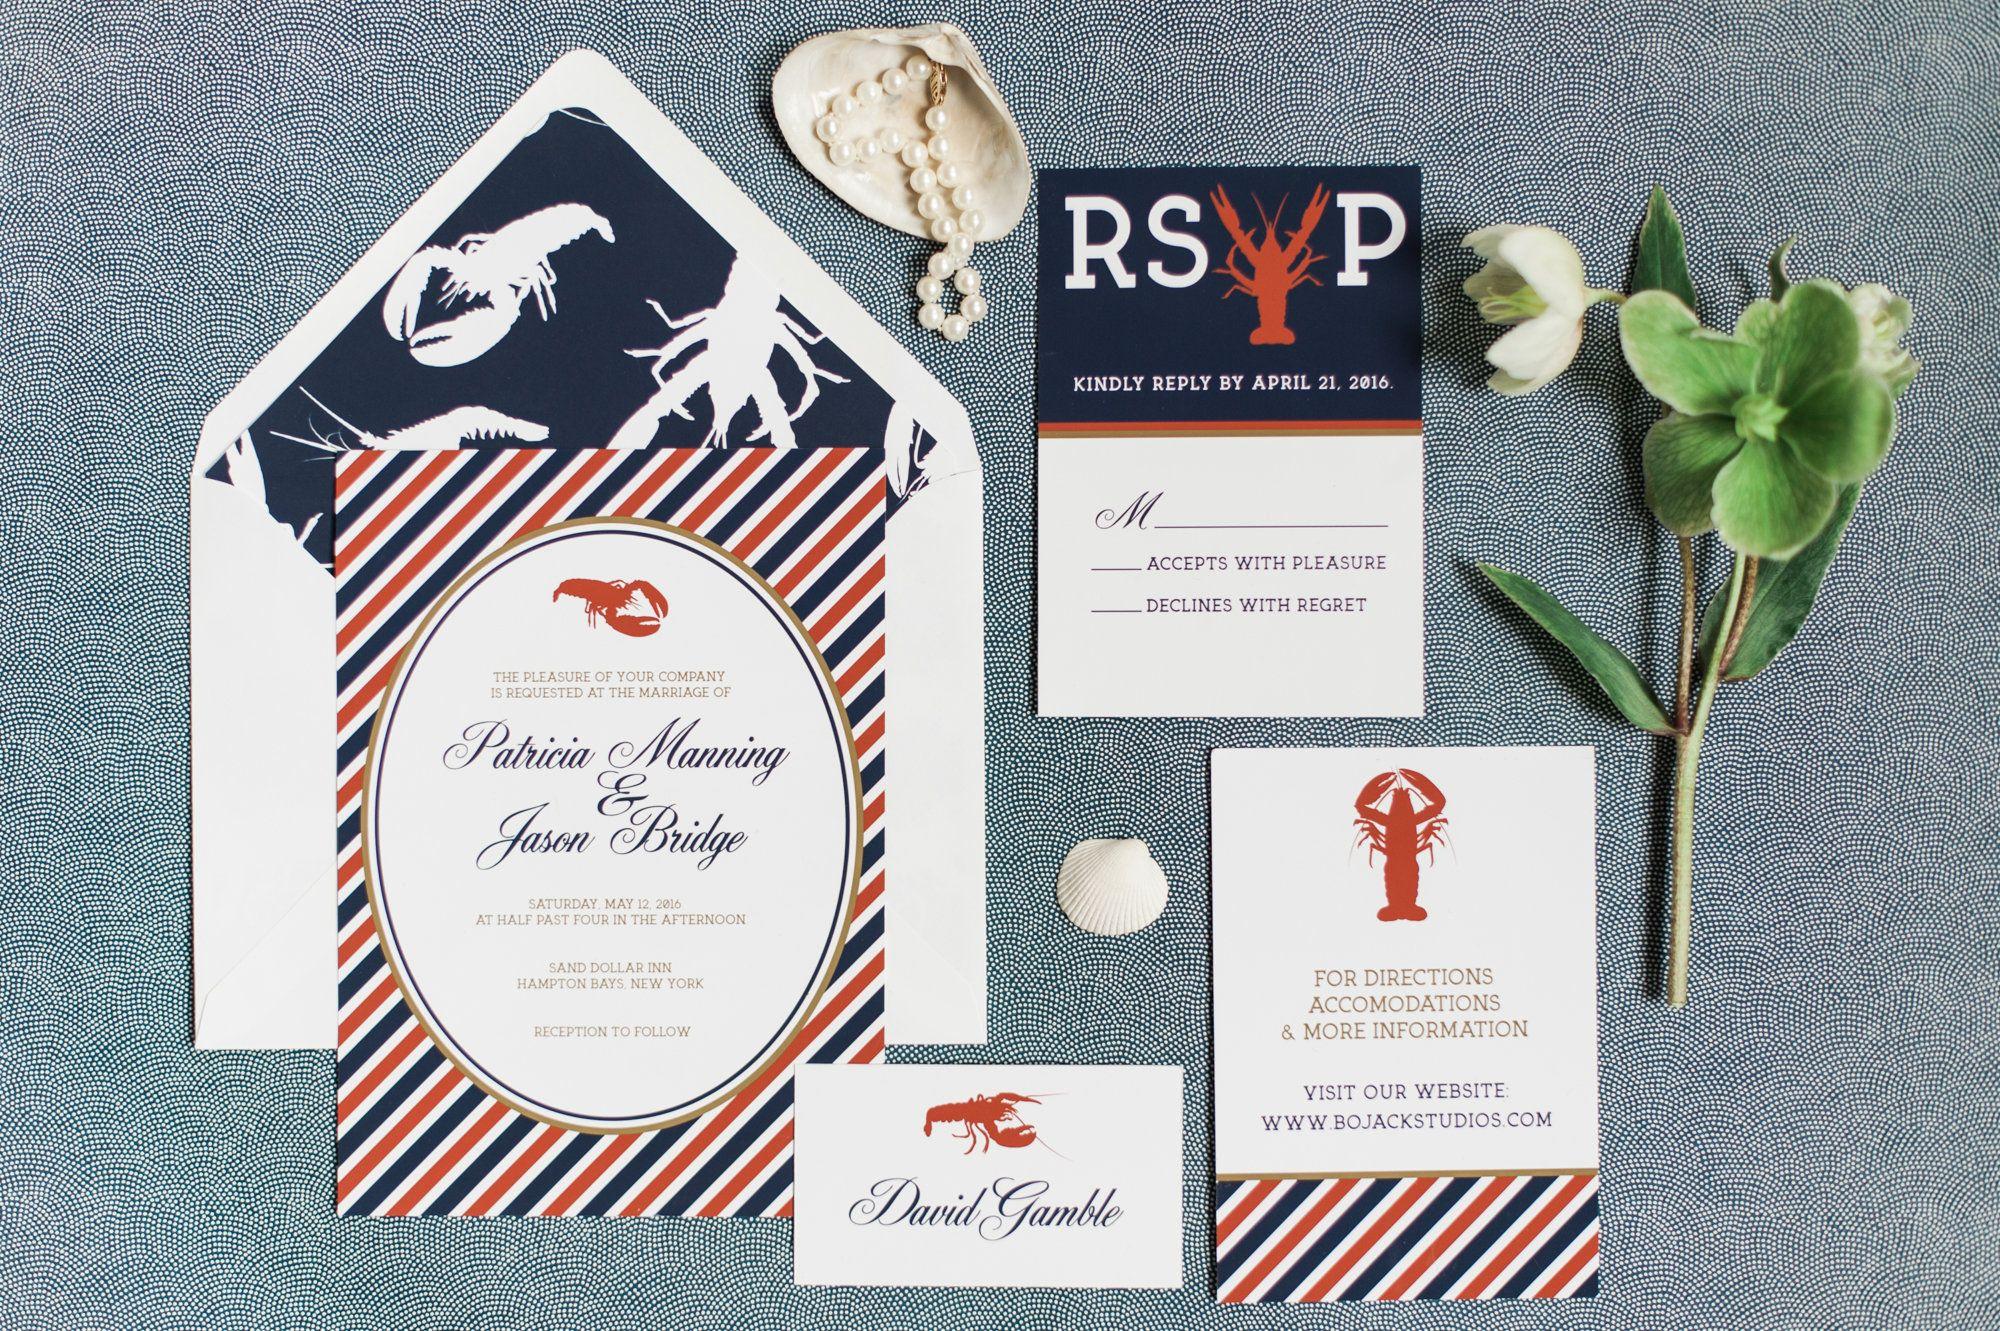 Lobster Bake Wedding Invitations